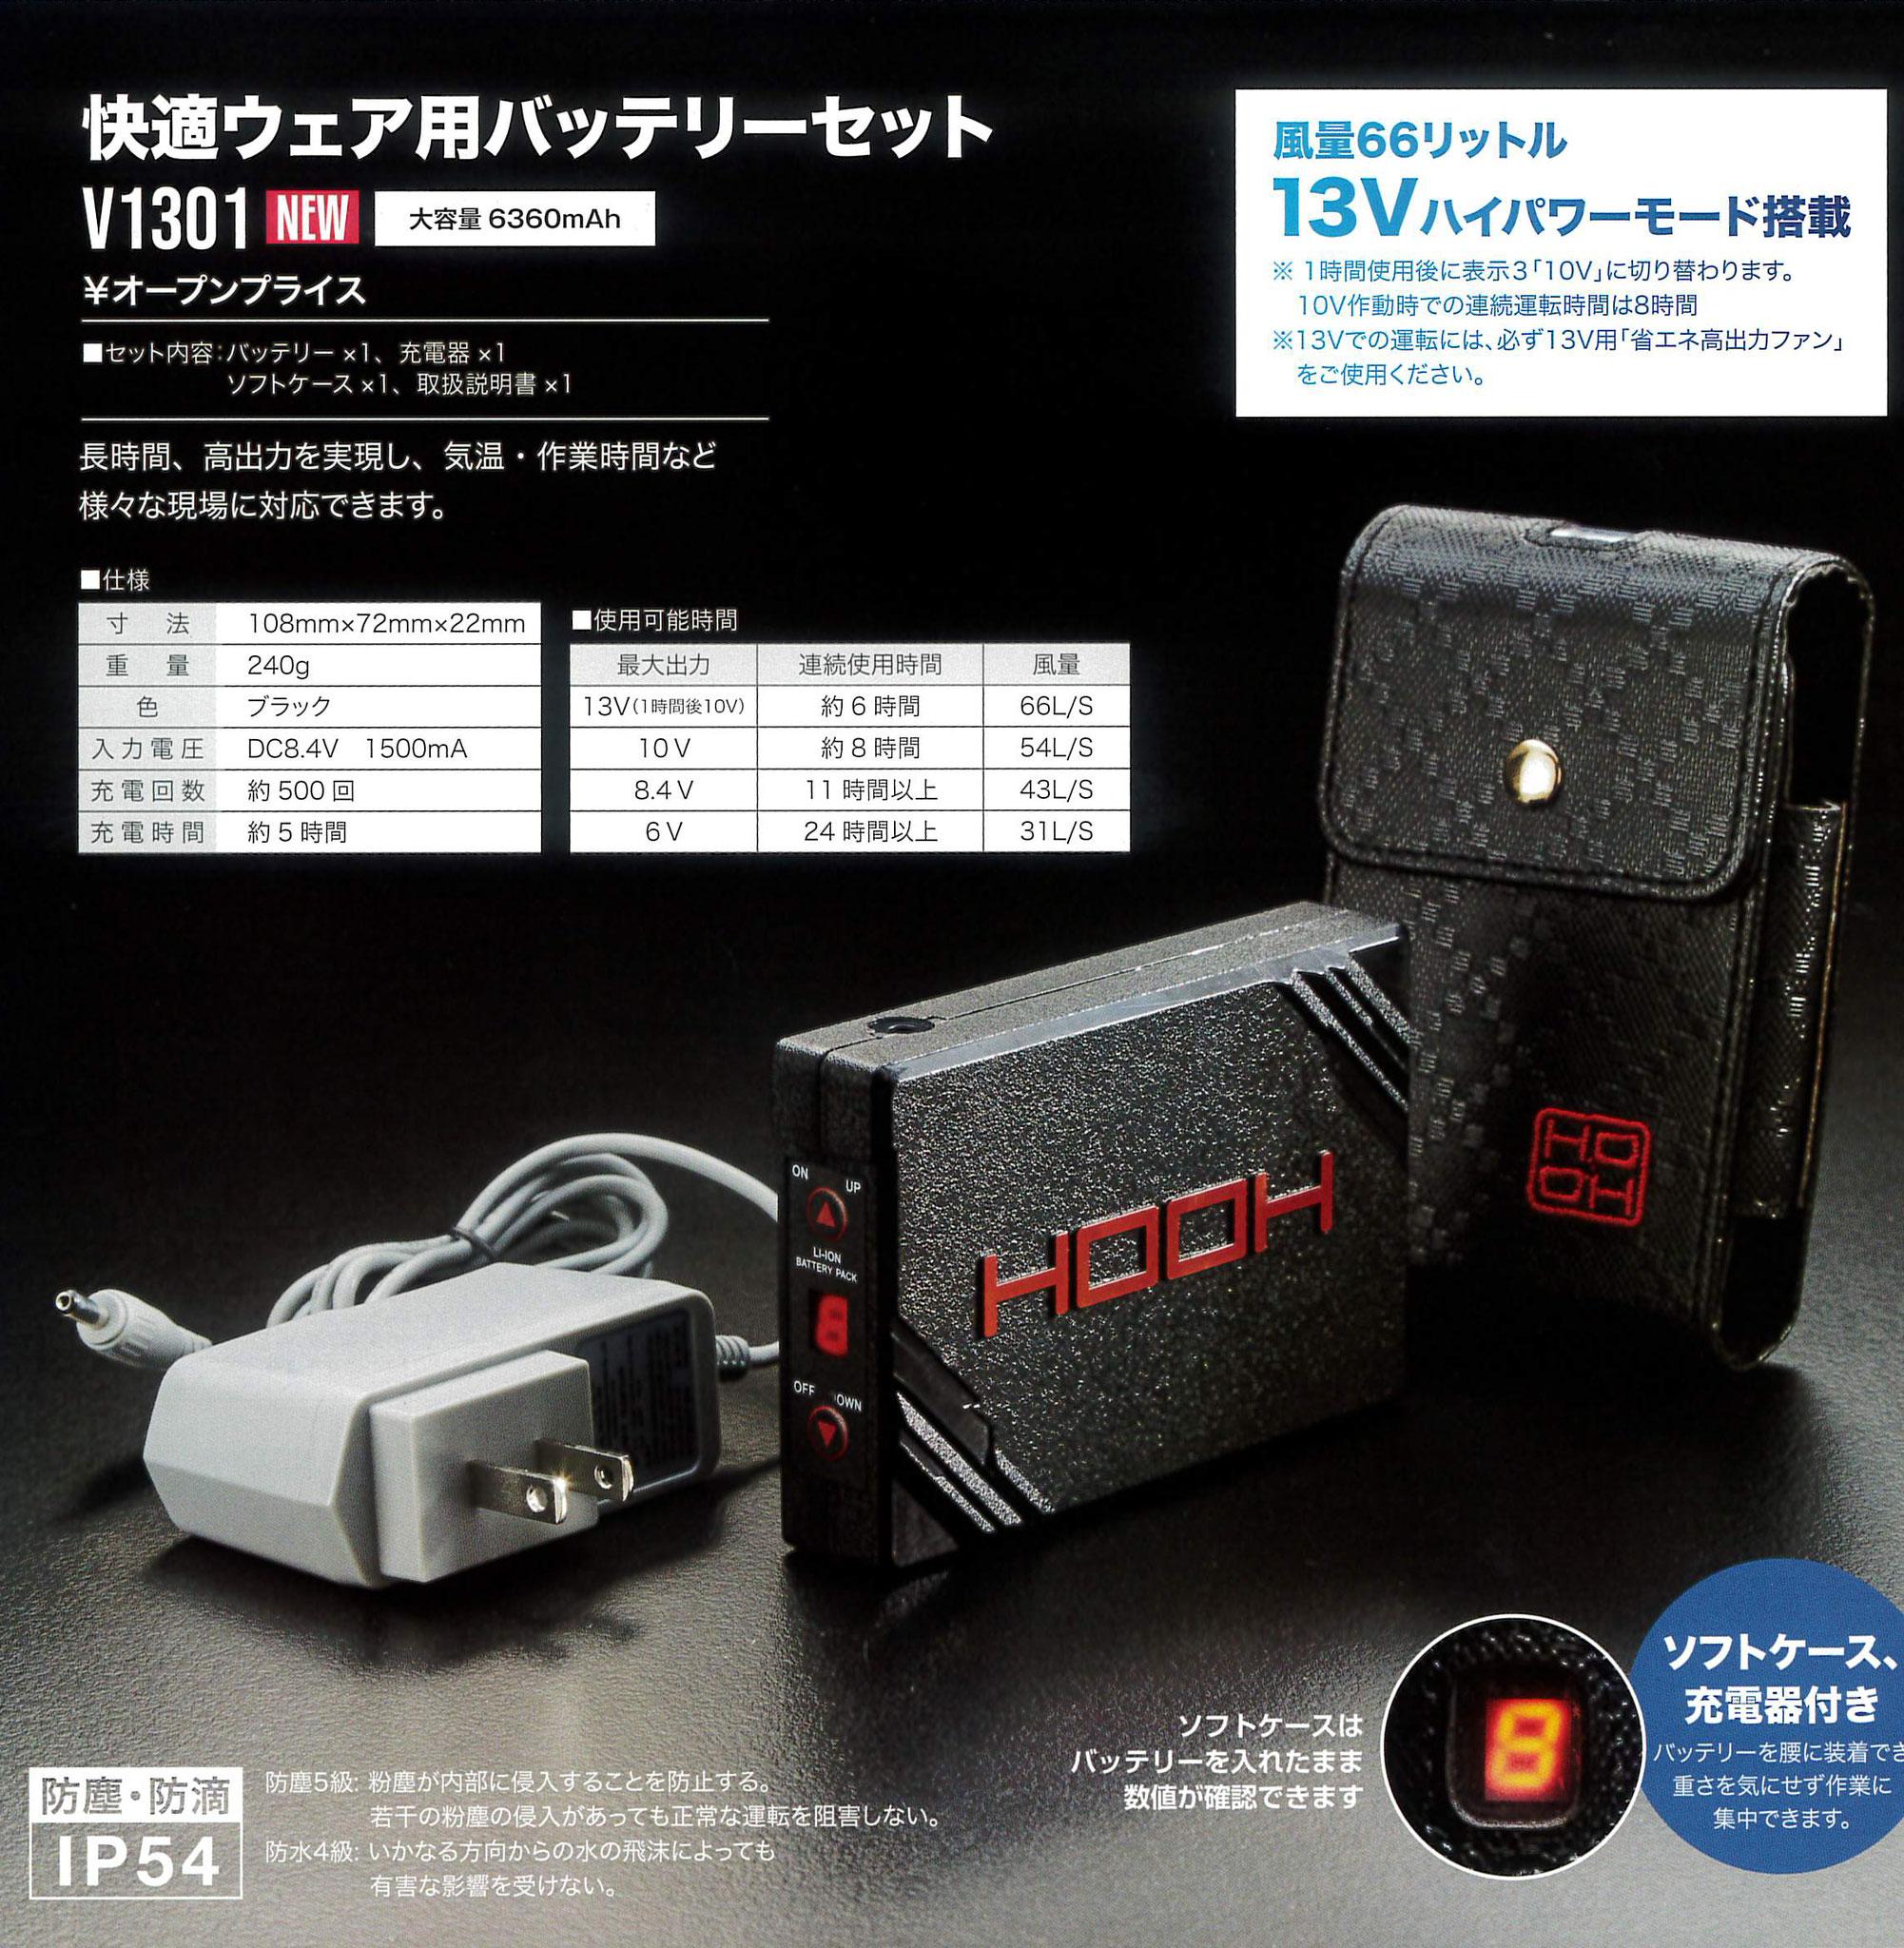 V1301  13V パワーバッテリー ¥11,900(税込)